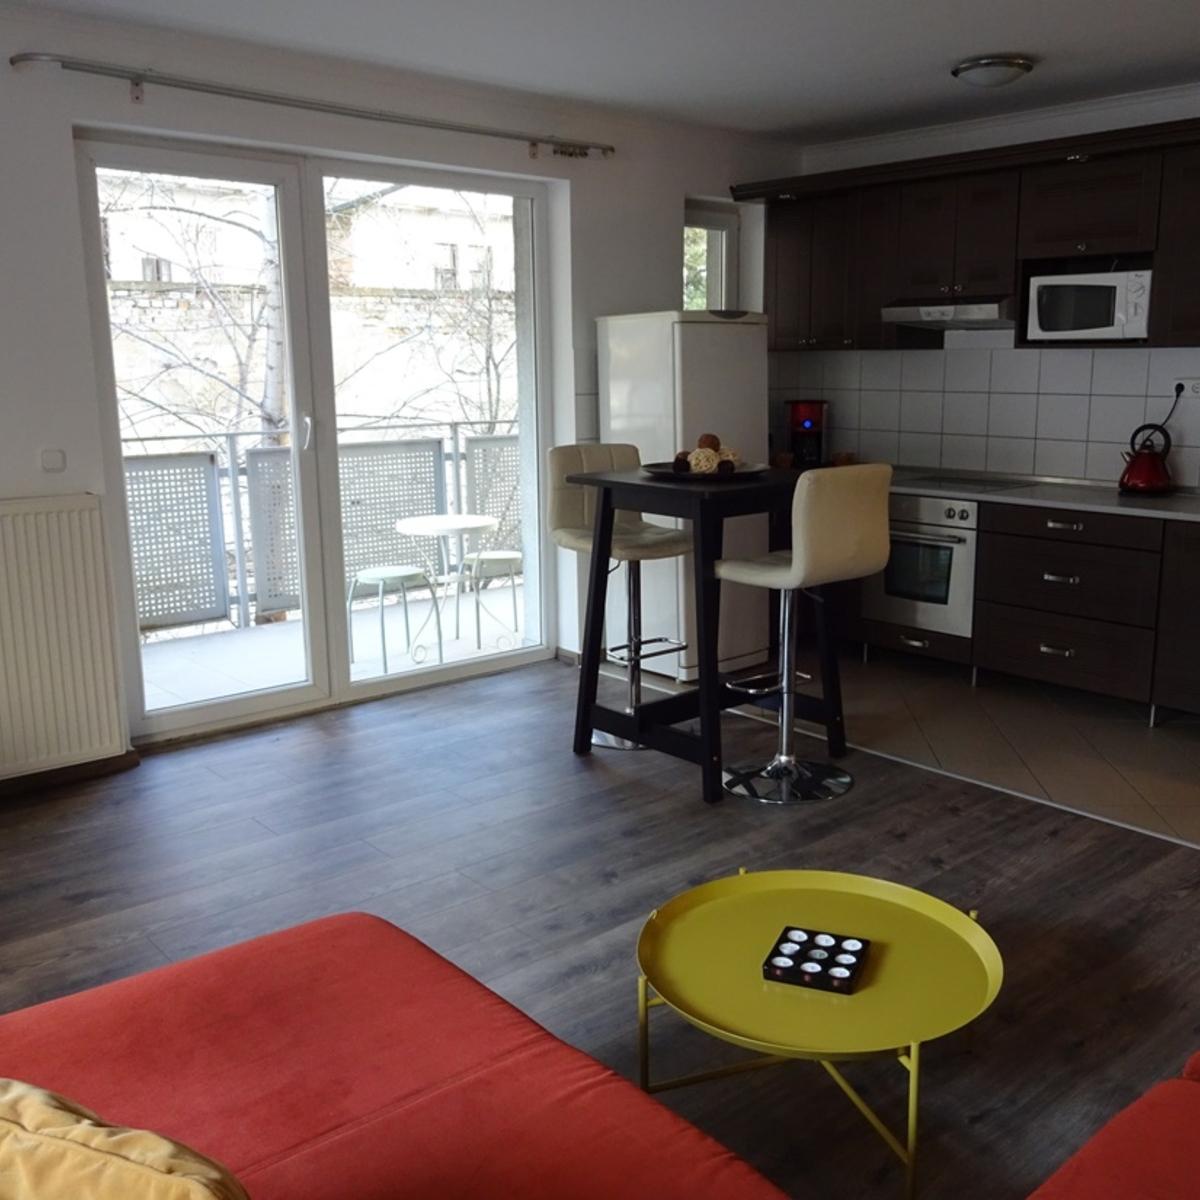 Kiadó  téglalakás (Budapest, IX. kerületBudapest, IX. kerület, Márton u.) 160 E  Ft/hó